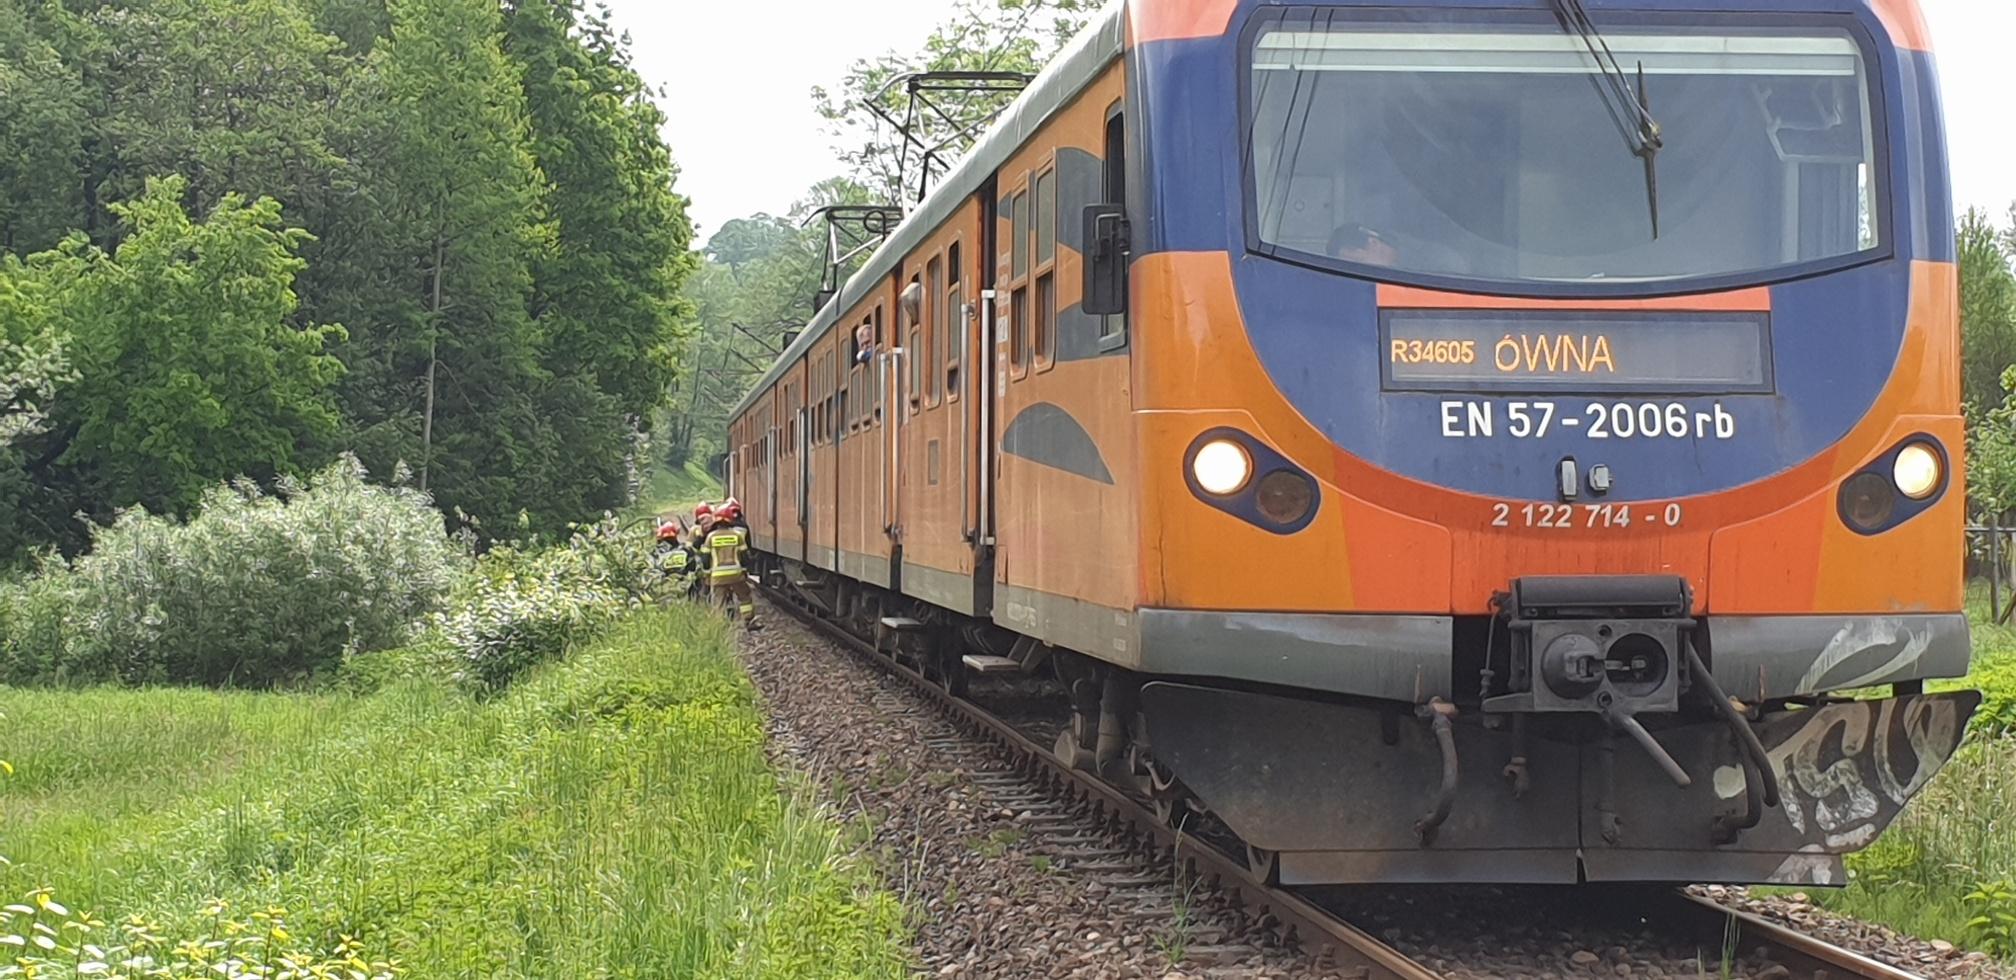 Umorzono śledztwo w sprawie wypadku na torach kolejowych w Bulowicach